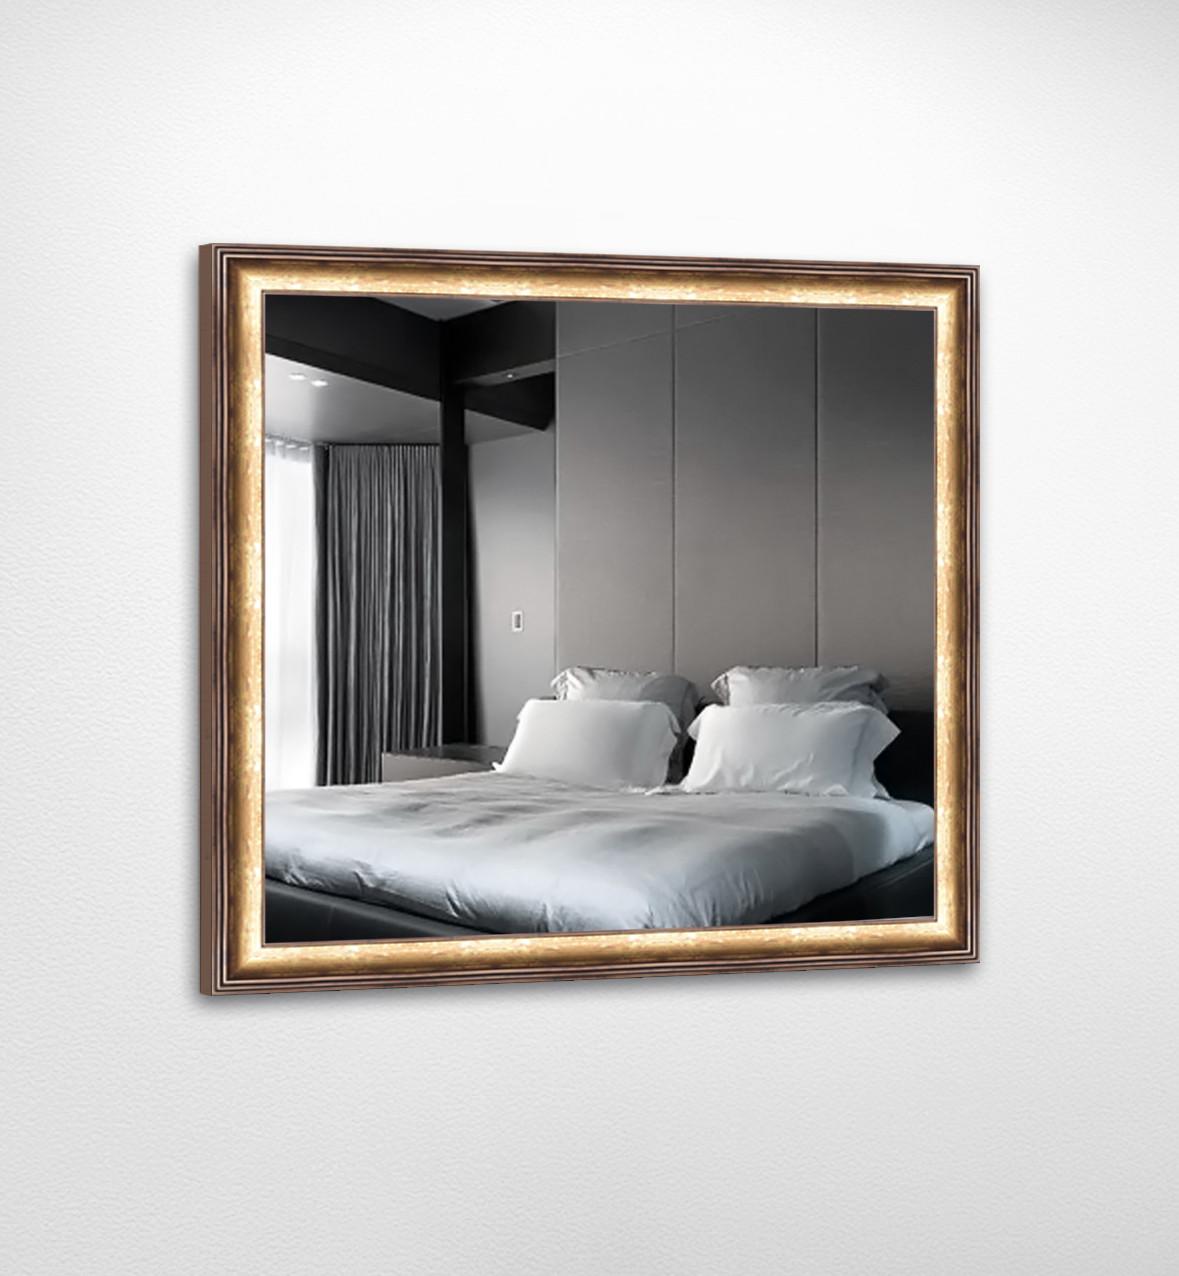 Настенное зеркало БЦ Стол Эрика квадратное B03 золотое